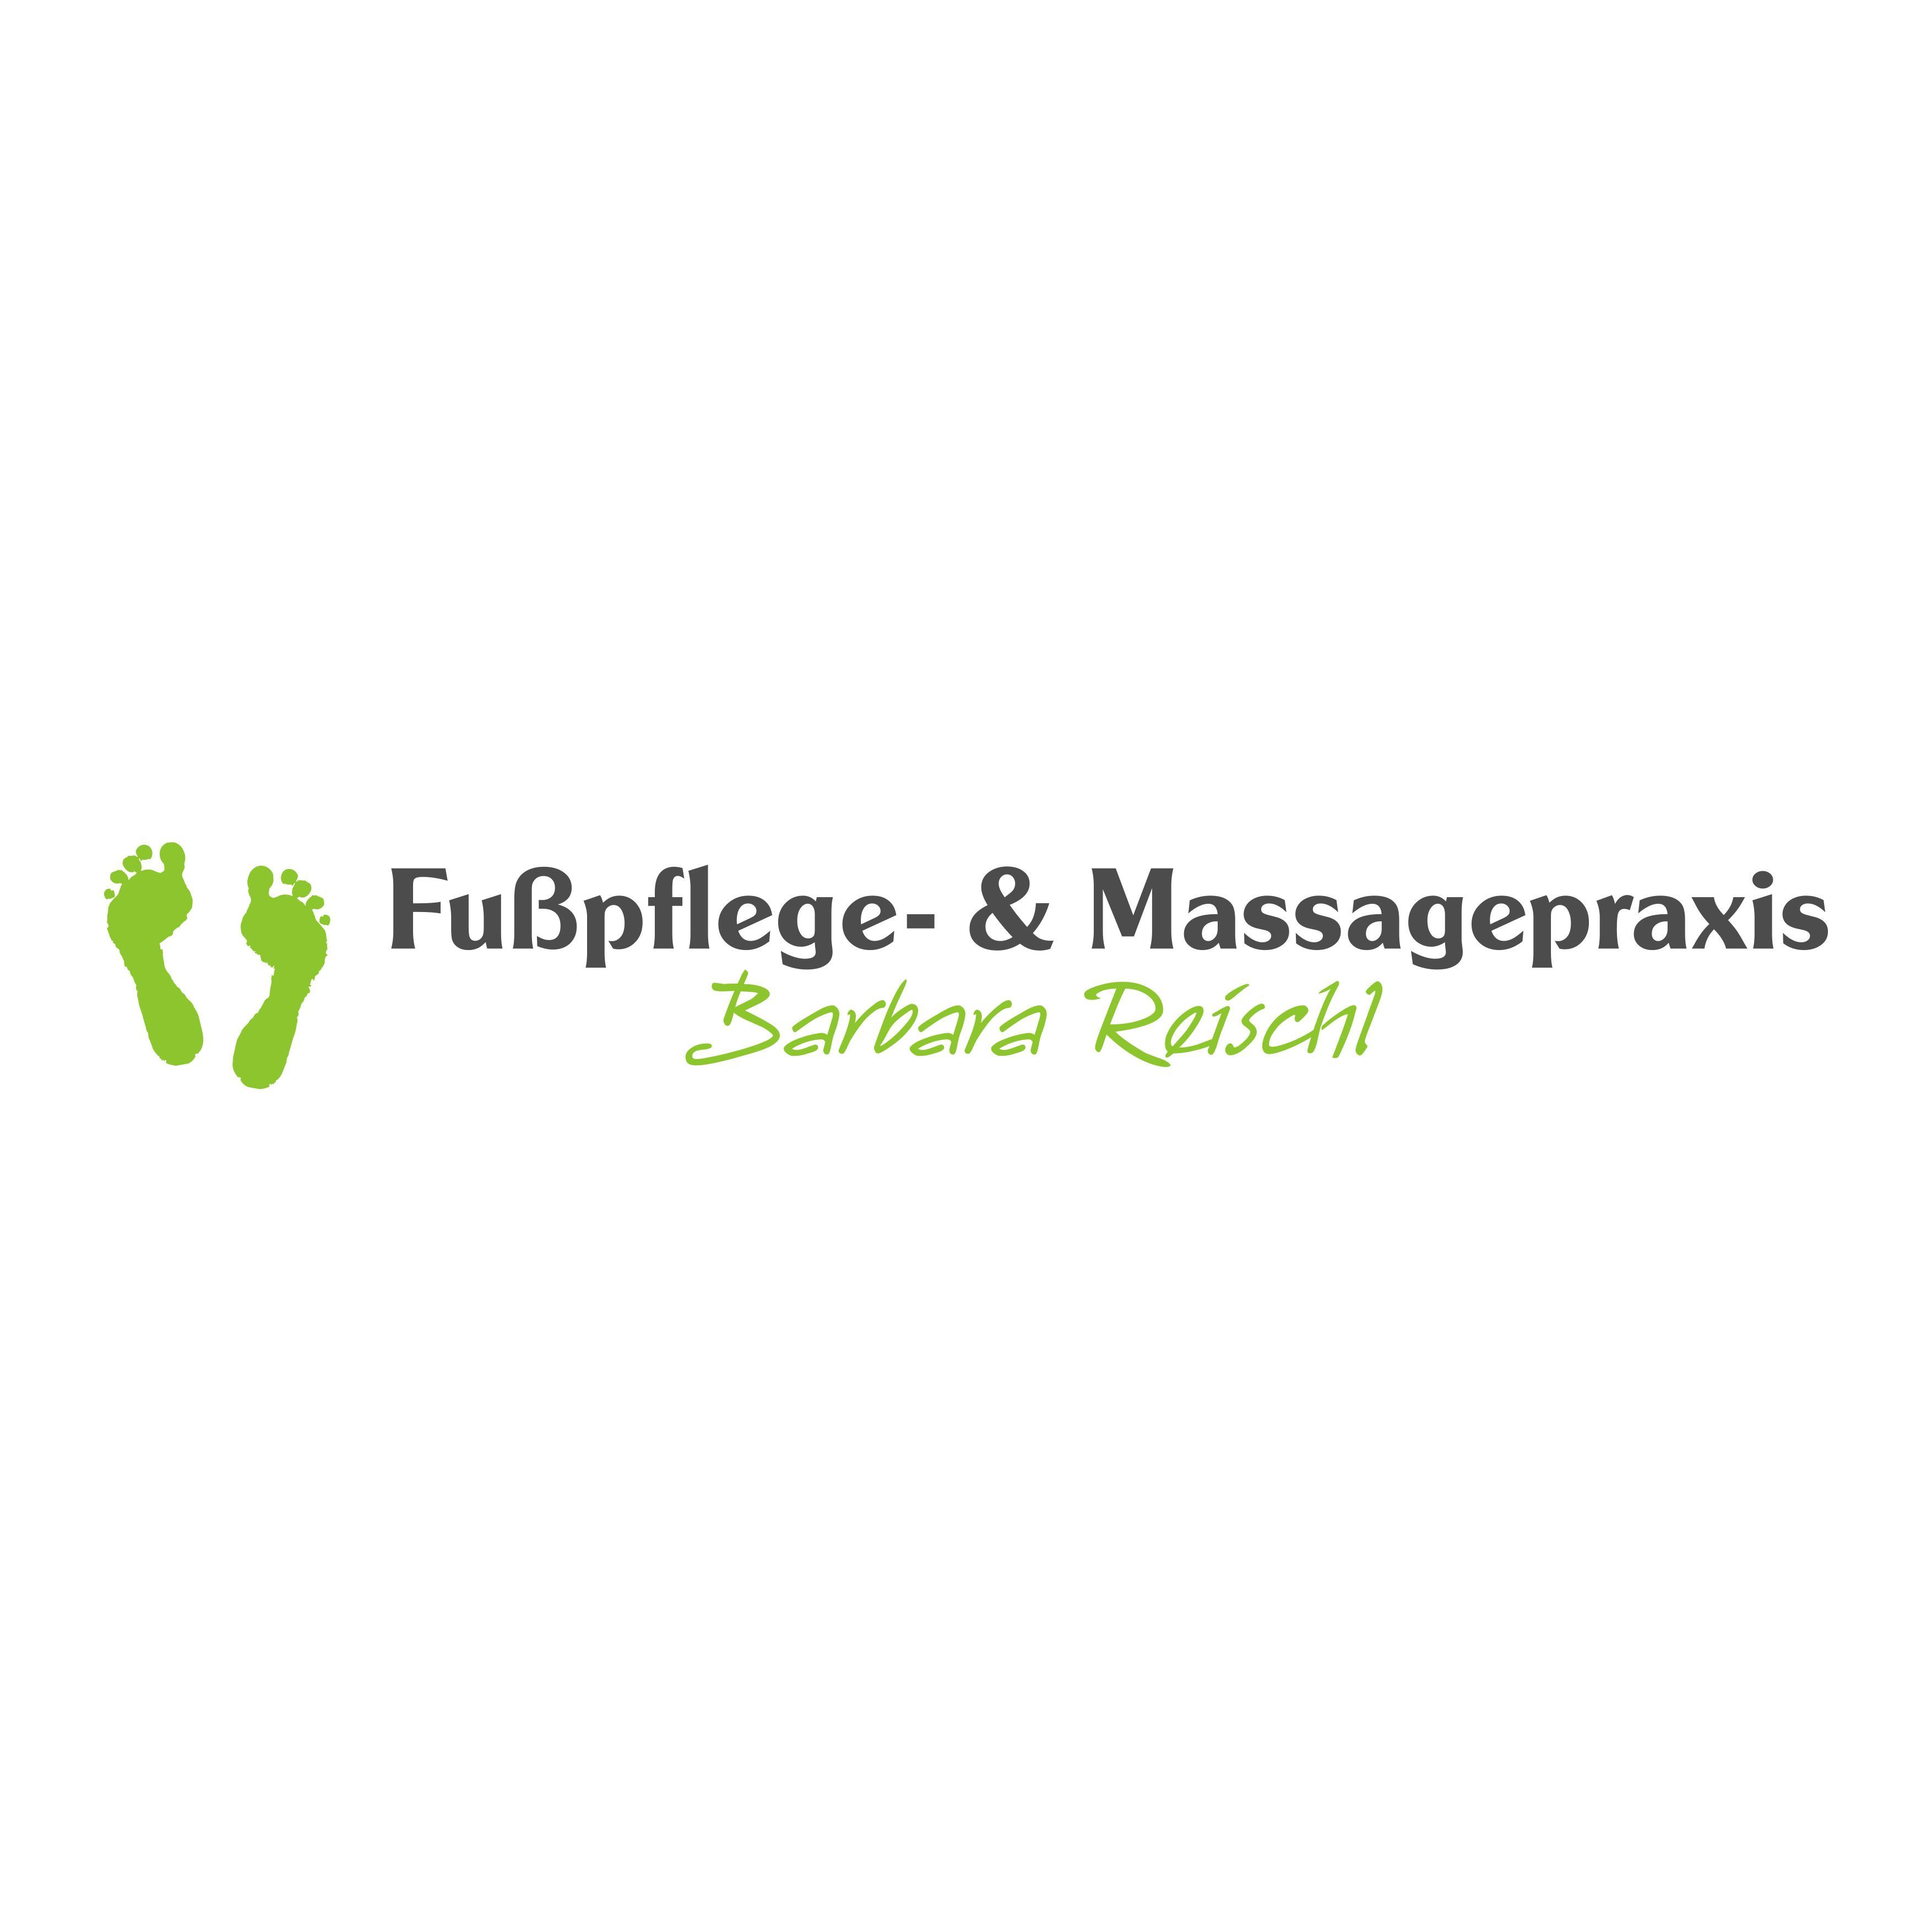 Fußpflege- & Massagepraxis Barbara Reischl